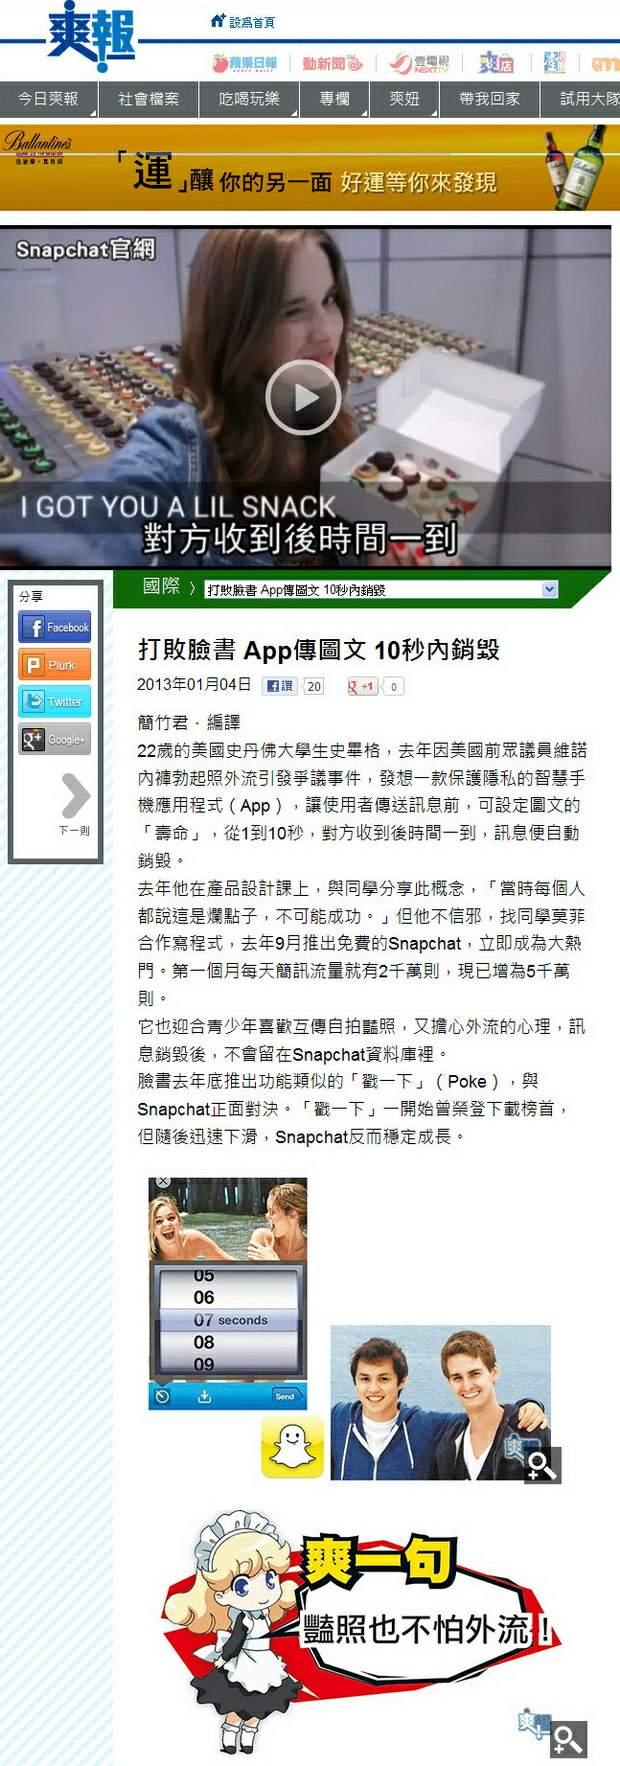 打敗臉書 App傳圖文 10秒內銷毀-2013.01.04